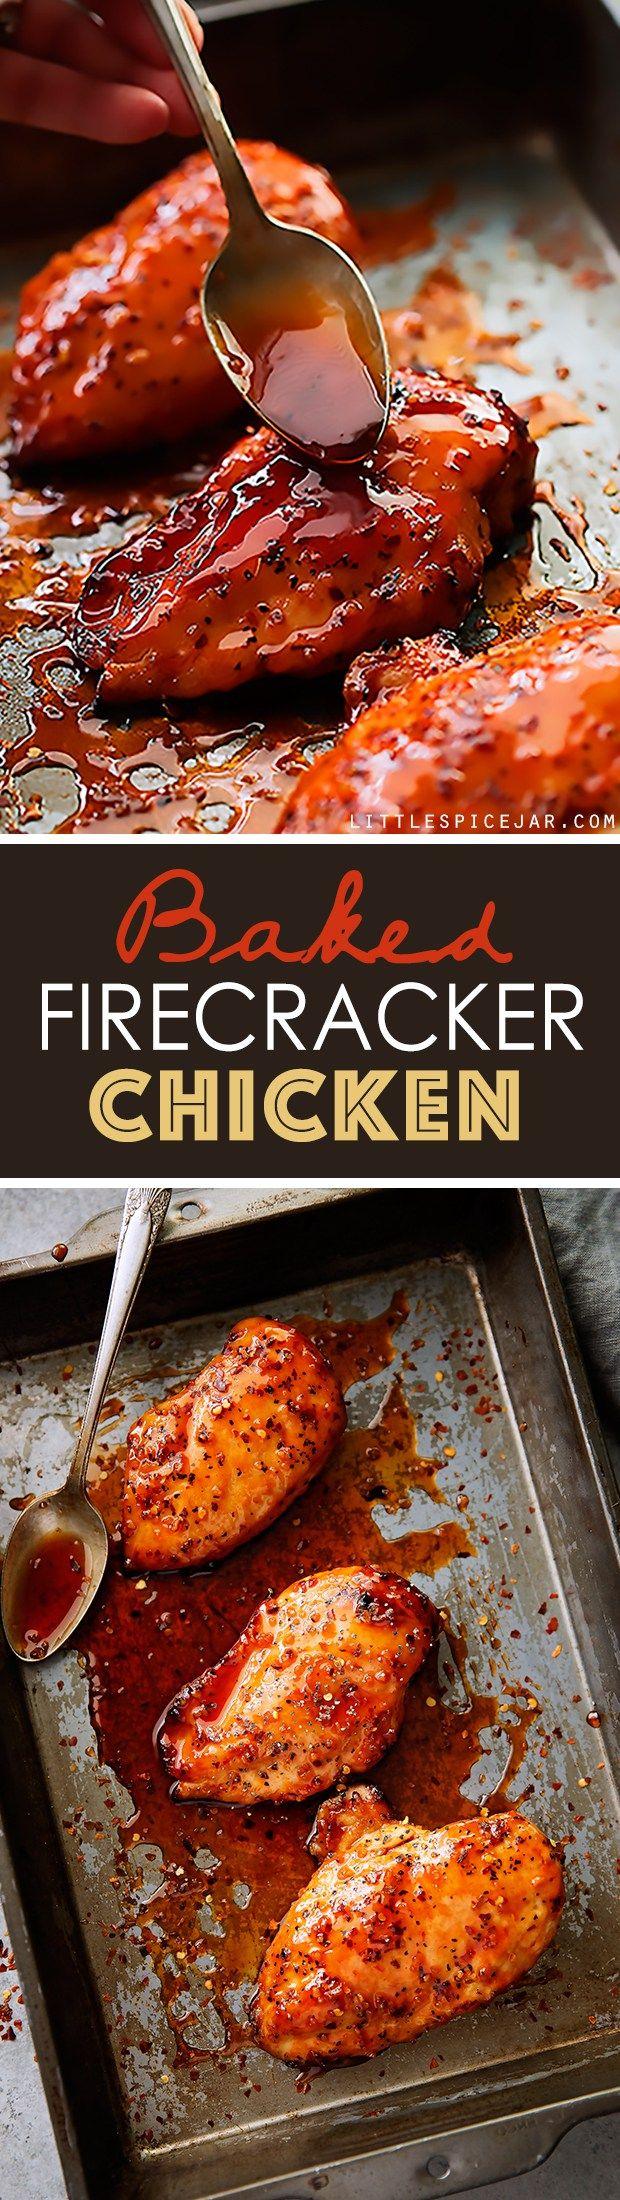 Baked-Firecracker-Chicken-8(2)                                                                                                                                                                                 More